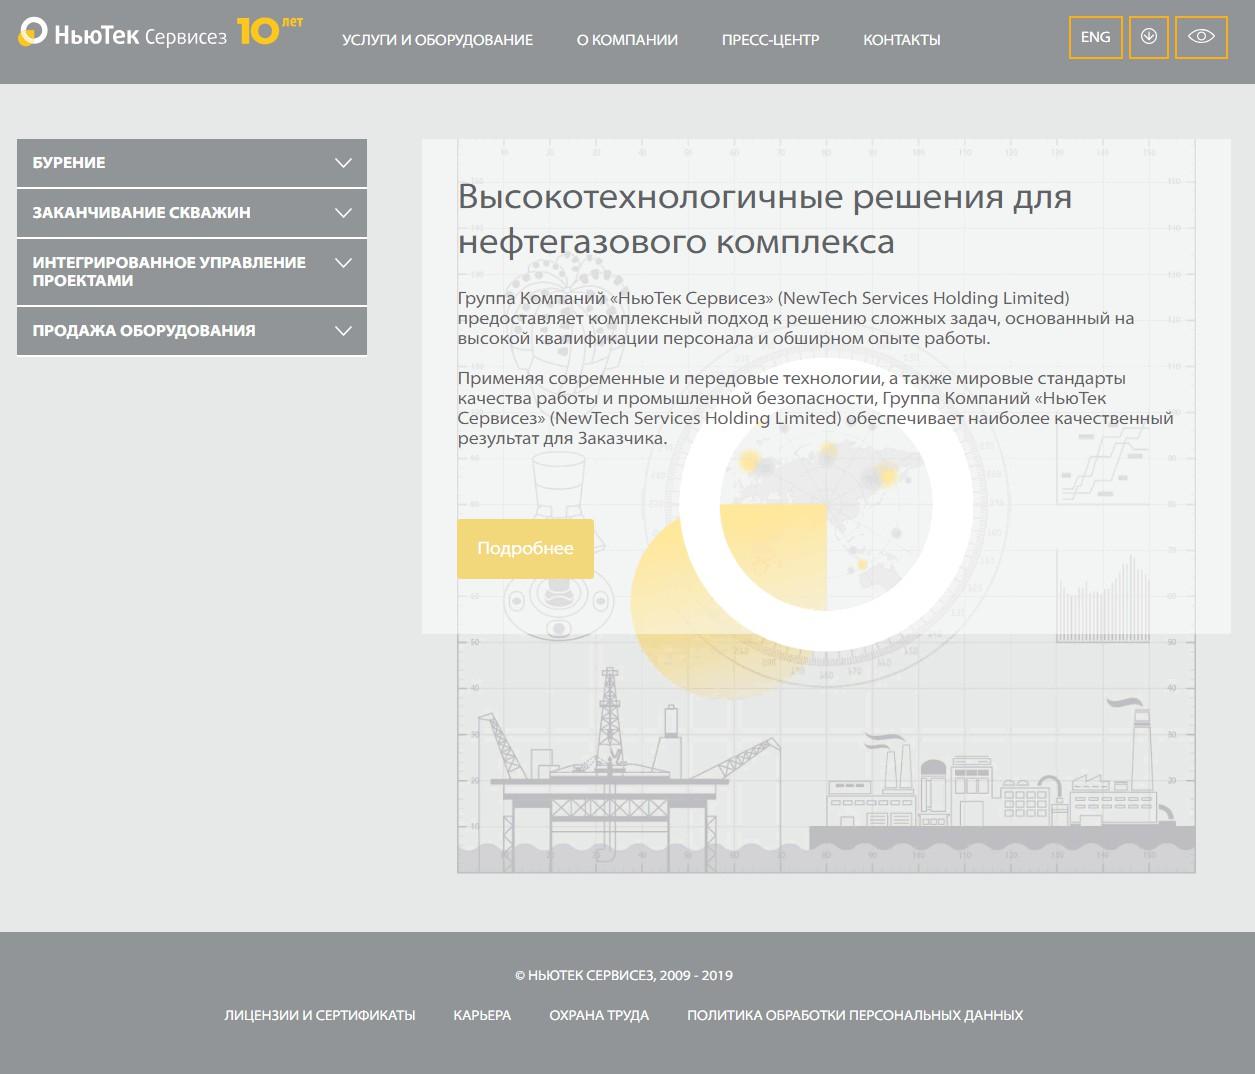 НьюТек Сервисез – международная нефтесервисная компания.